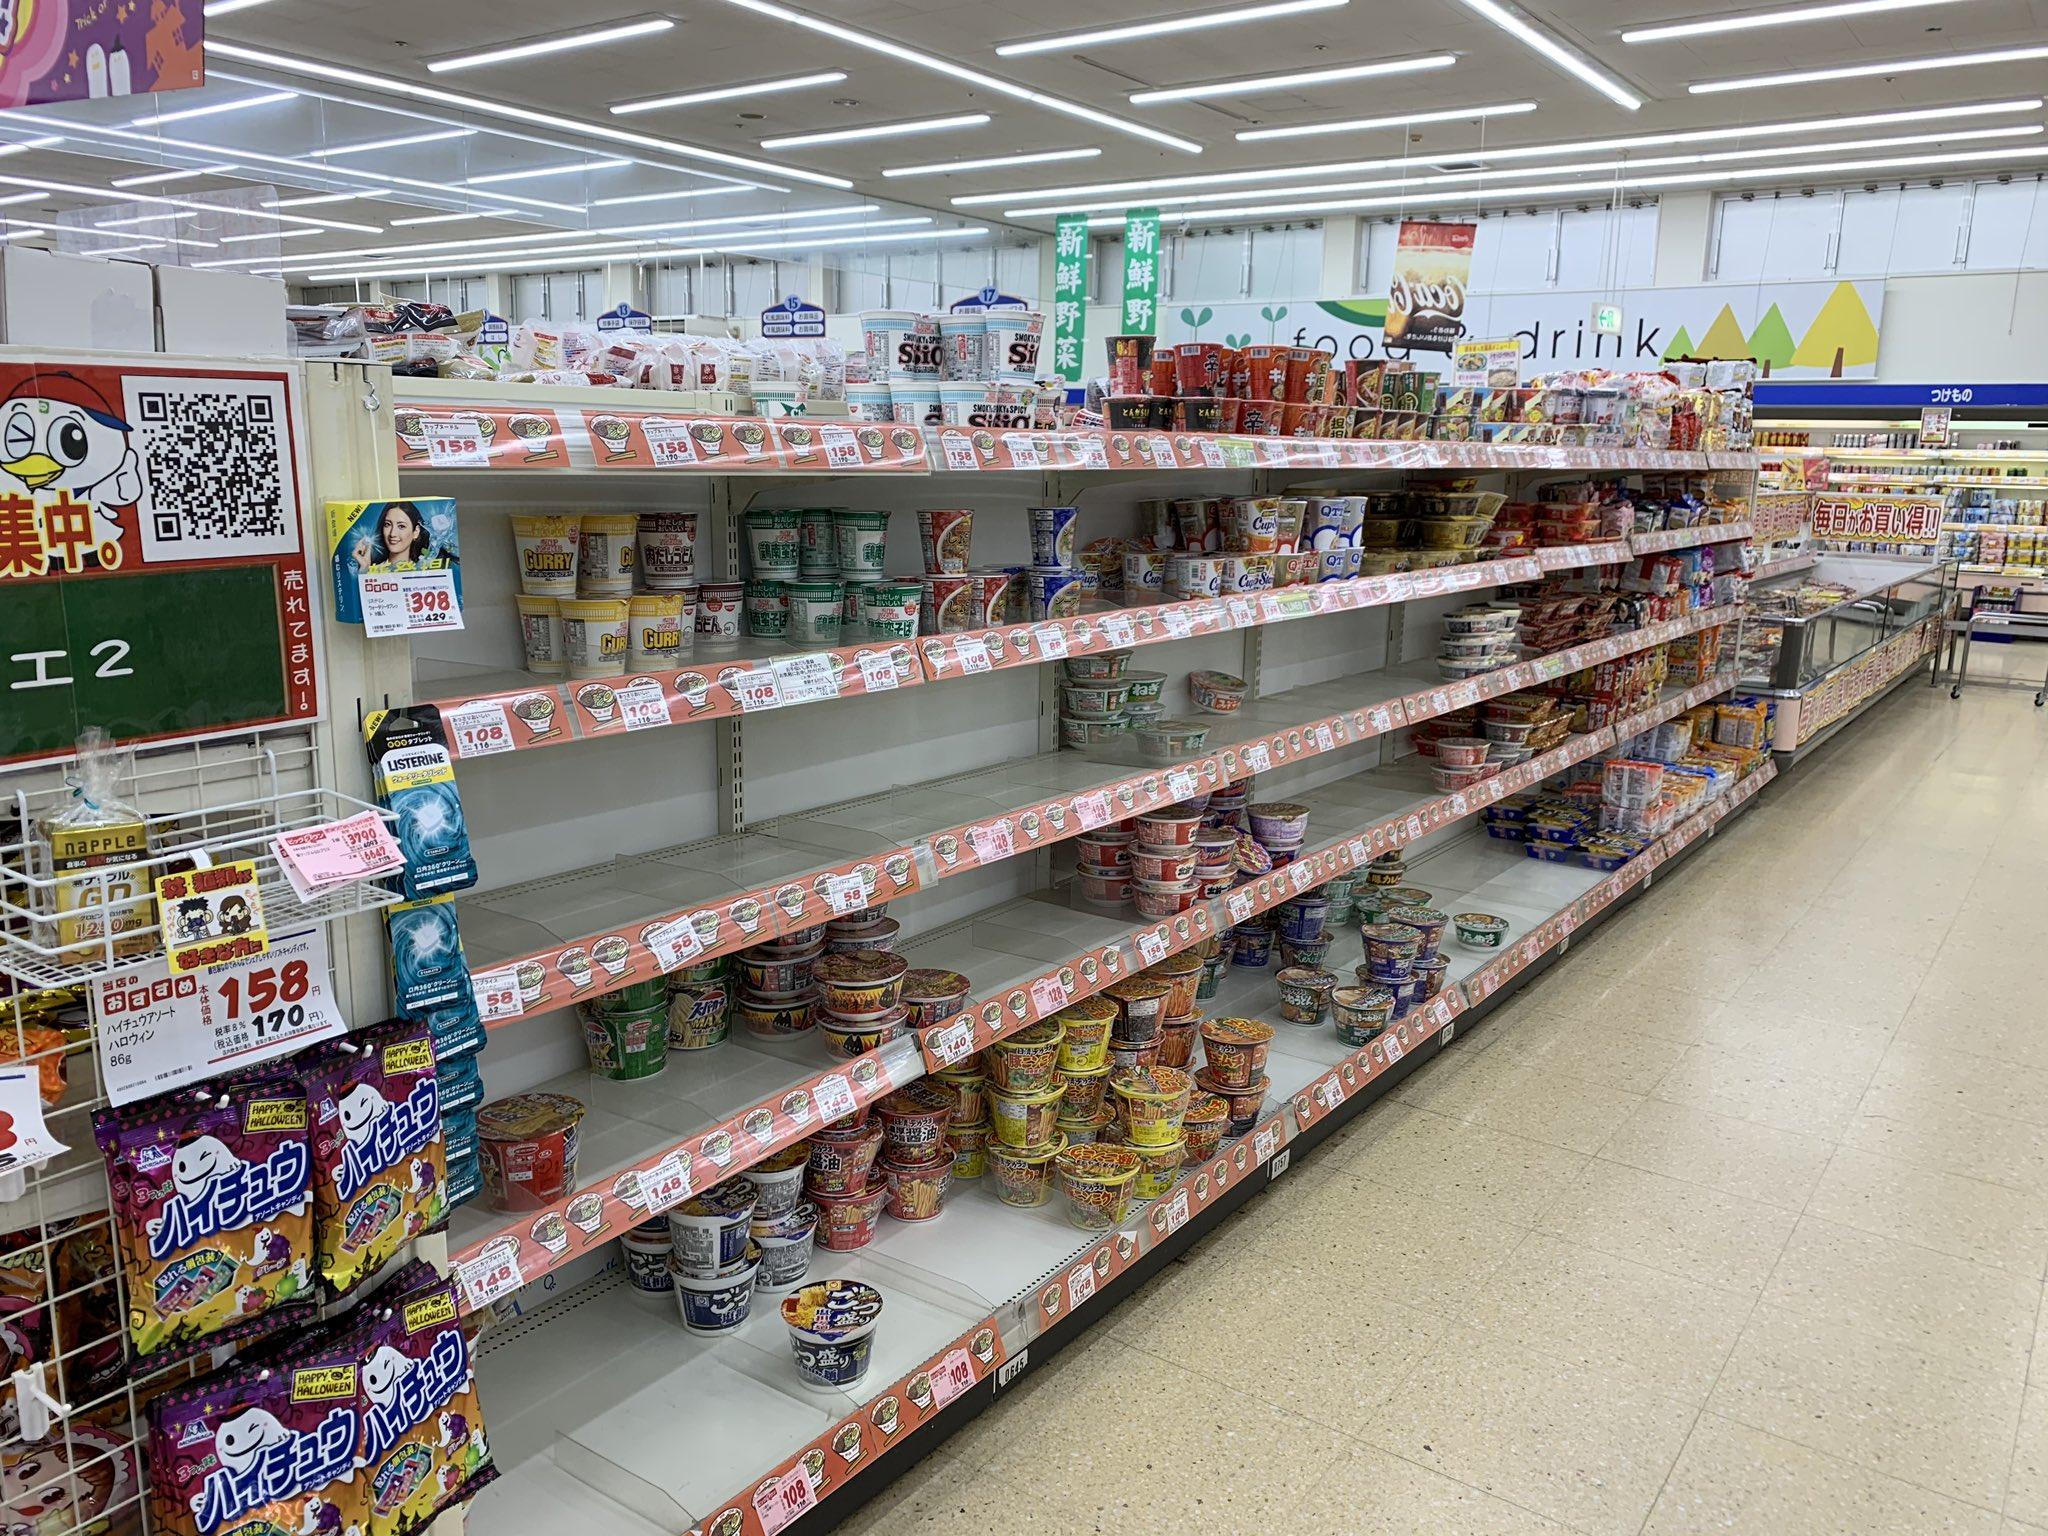 画像,千葉の台風前のスーパーの状況。どこのスーパーもこのような状態。普段からお水大好きなので備蓄ペットボトルとか、男のサガなのか数日生き残れるサバイバルキットは何気に…